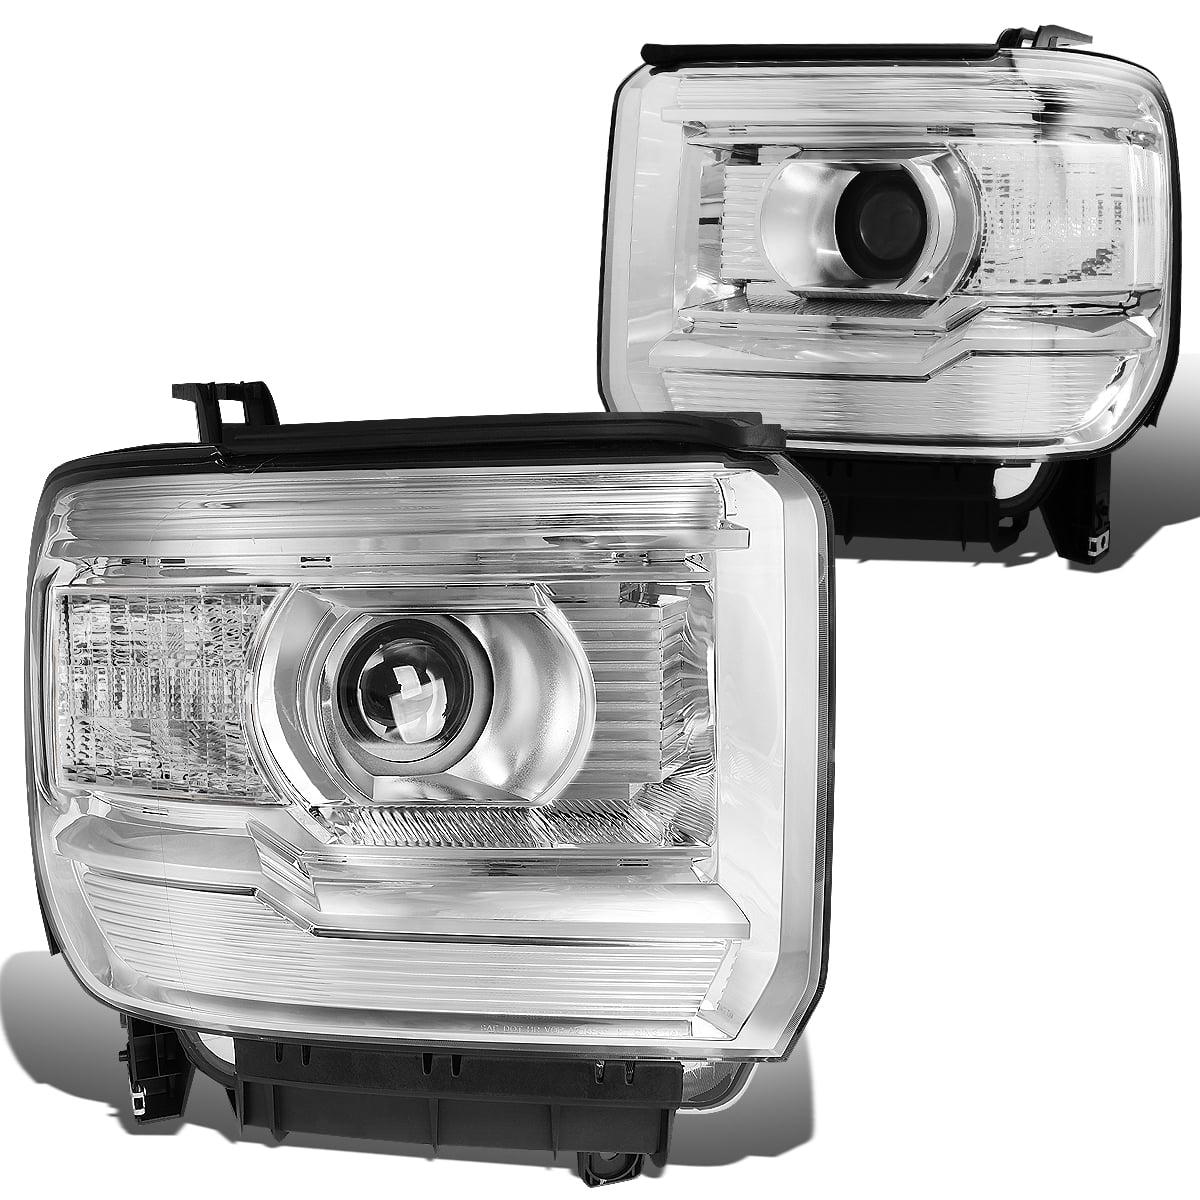 For 2014 To 2017 Gmc Sierra 1500 2500hd 3500hd Pair Projector Headlight Chrome Housing Clear Corner Headlamp 3rd Gen 15 16 Left Right Walmart Com Walmart Com